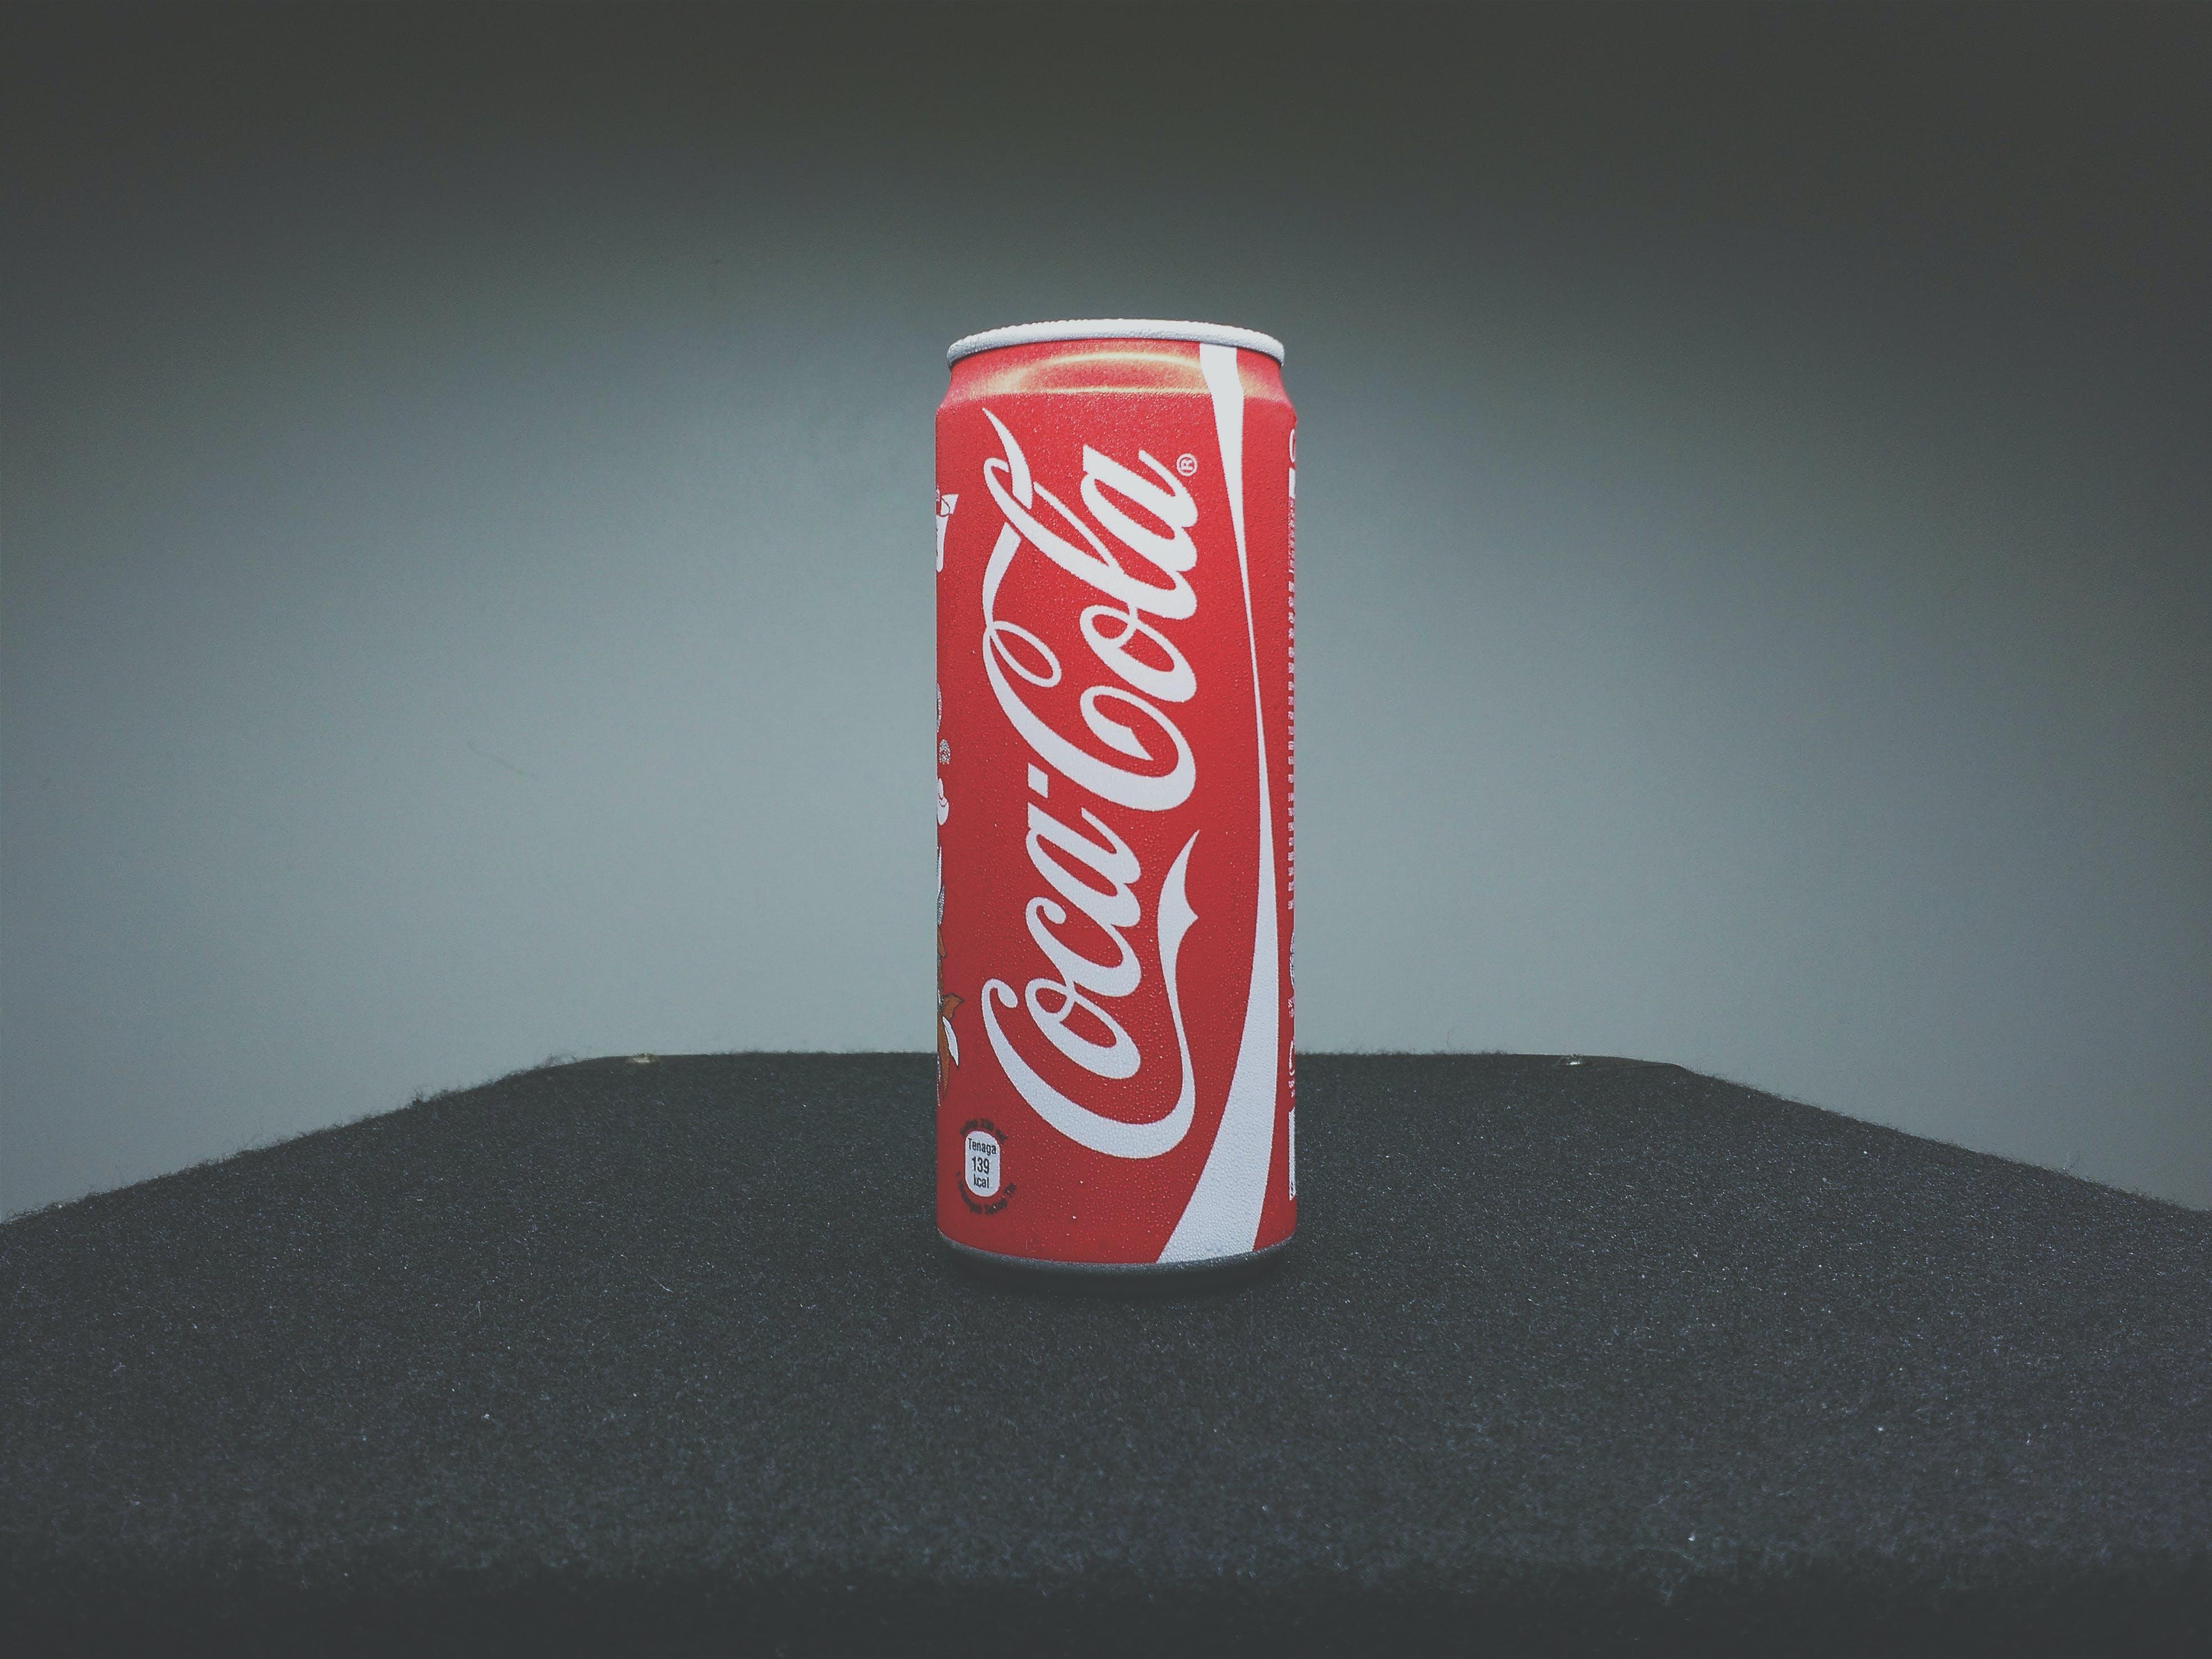 beverage, coca cola, coke